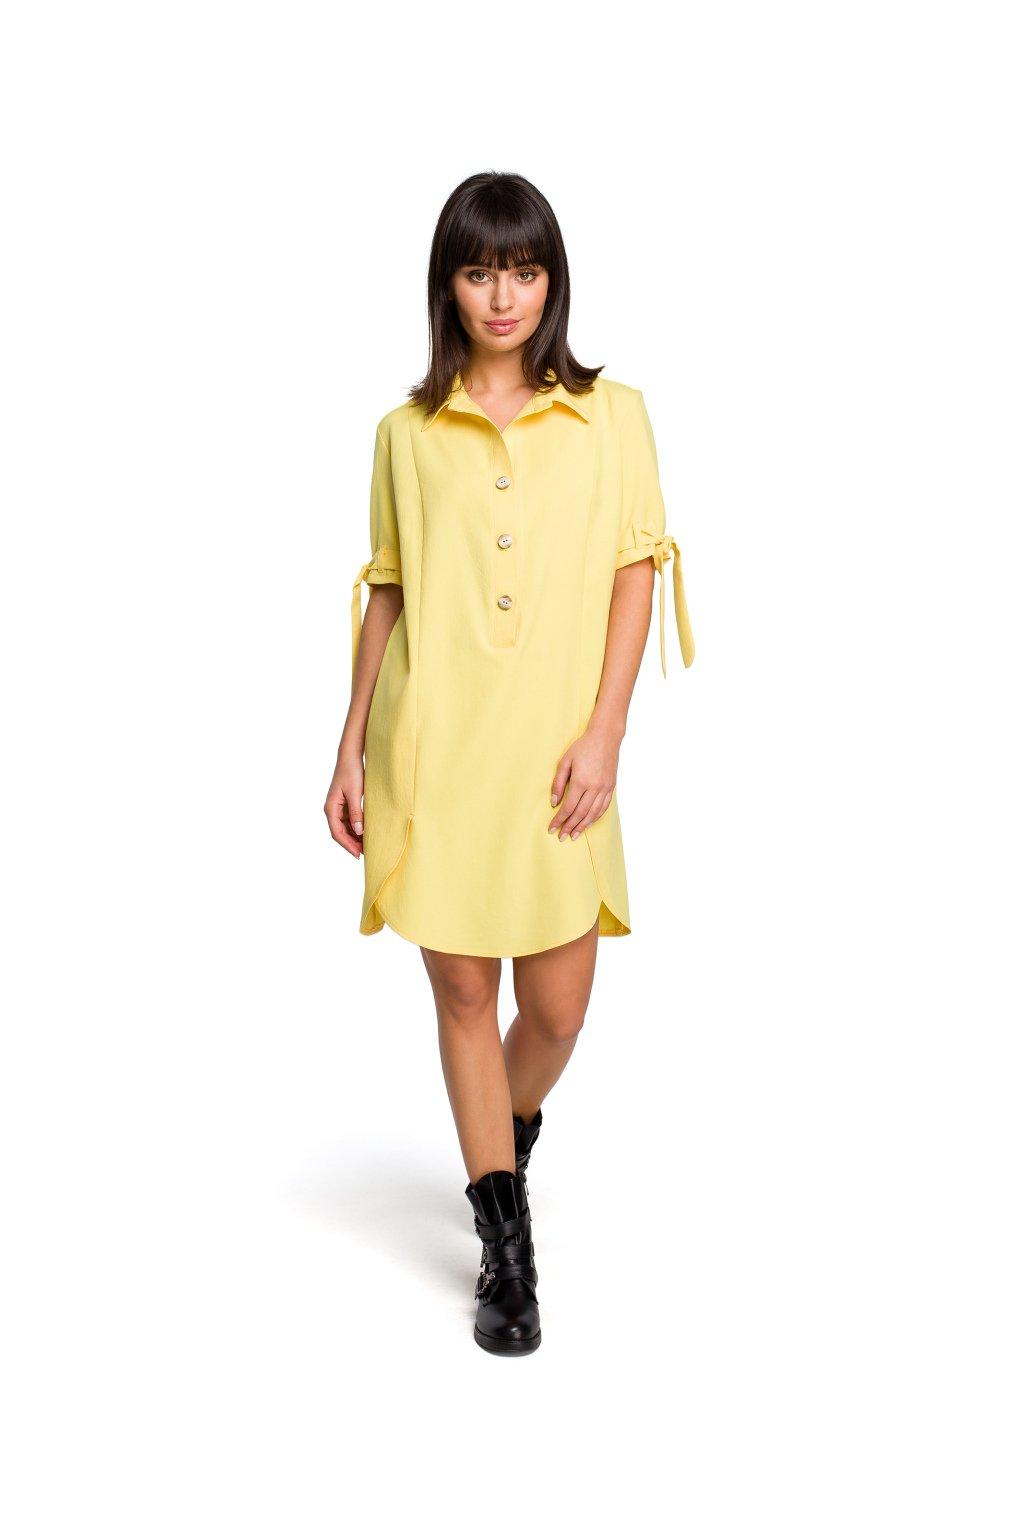 b112 yellow 1b